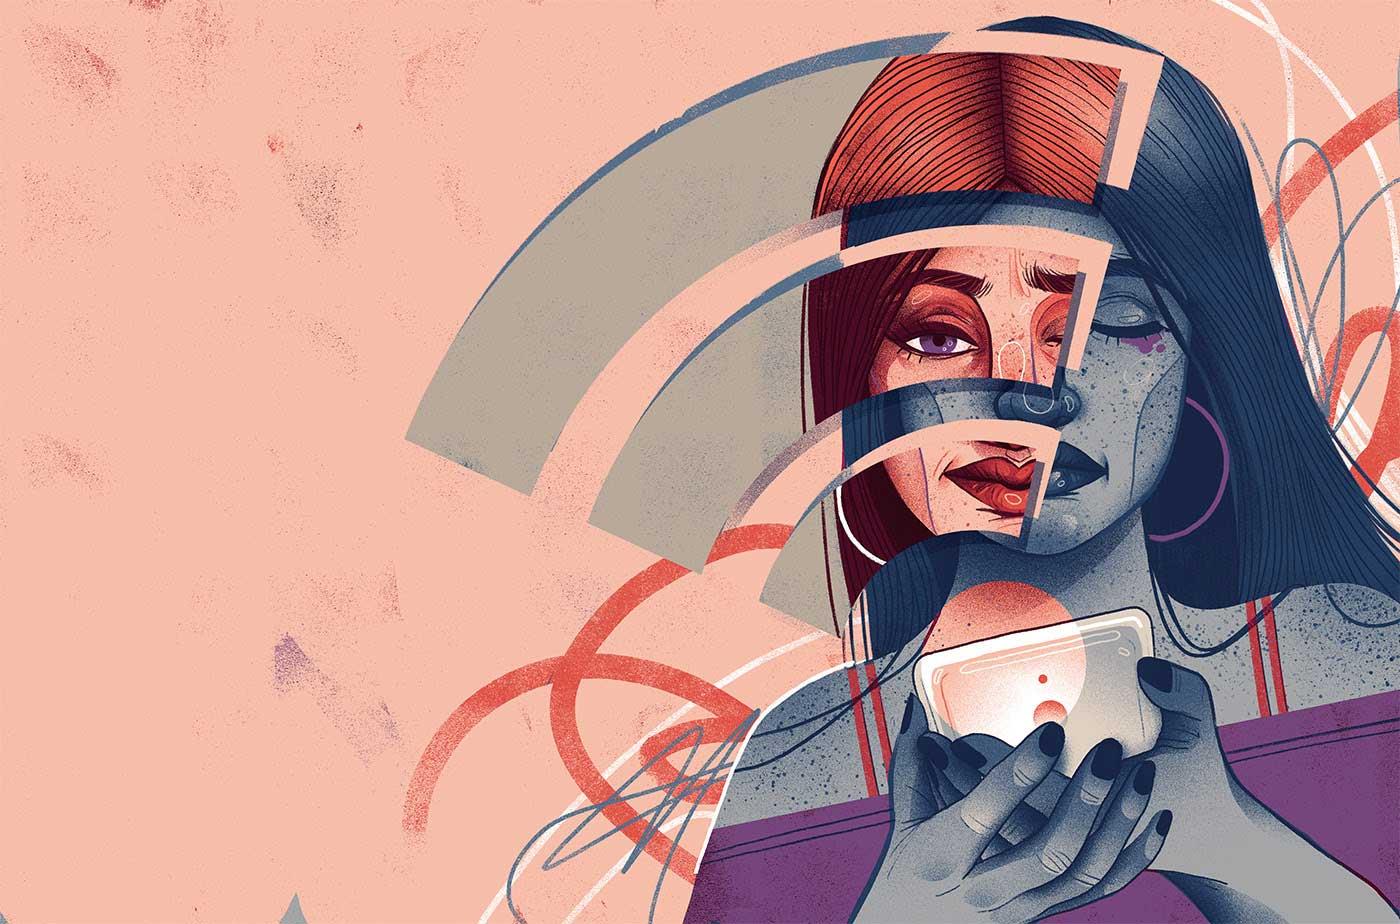 Neue Editorial-Illustrationen von Iza Dudzik Iza-Dudzik-illustration-2020_08